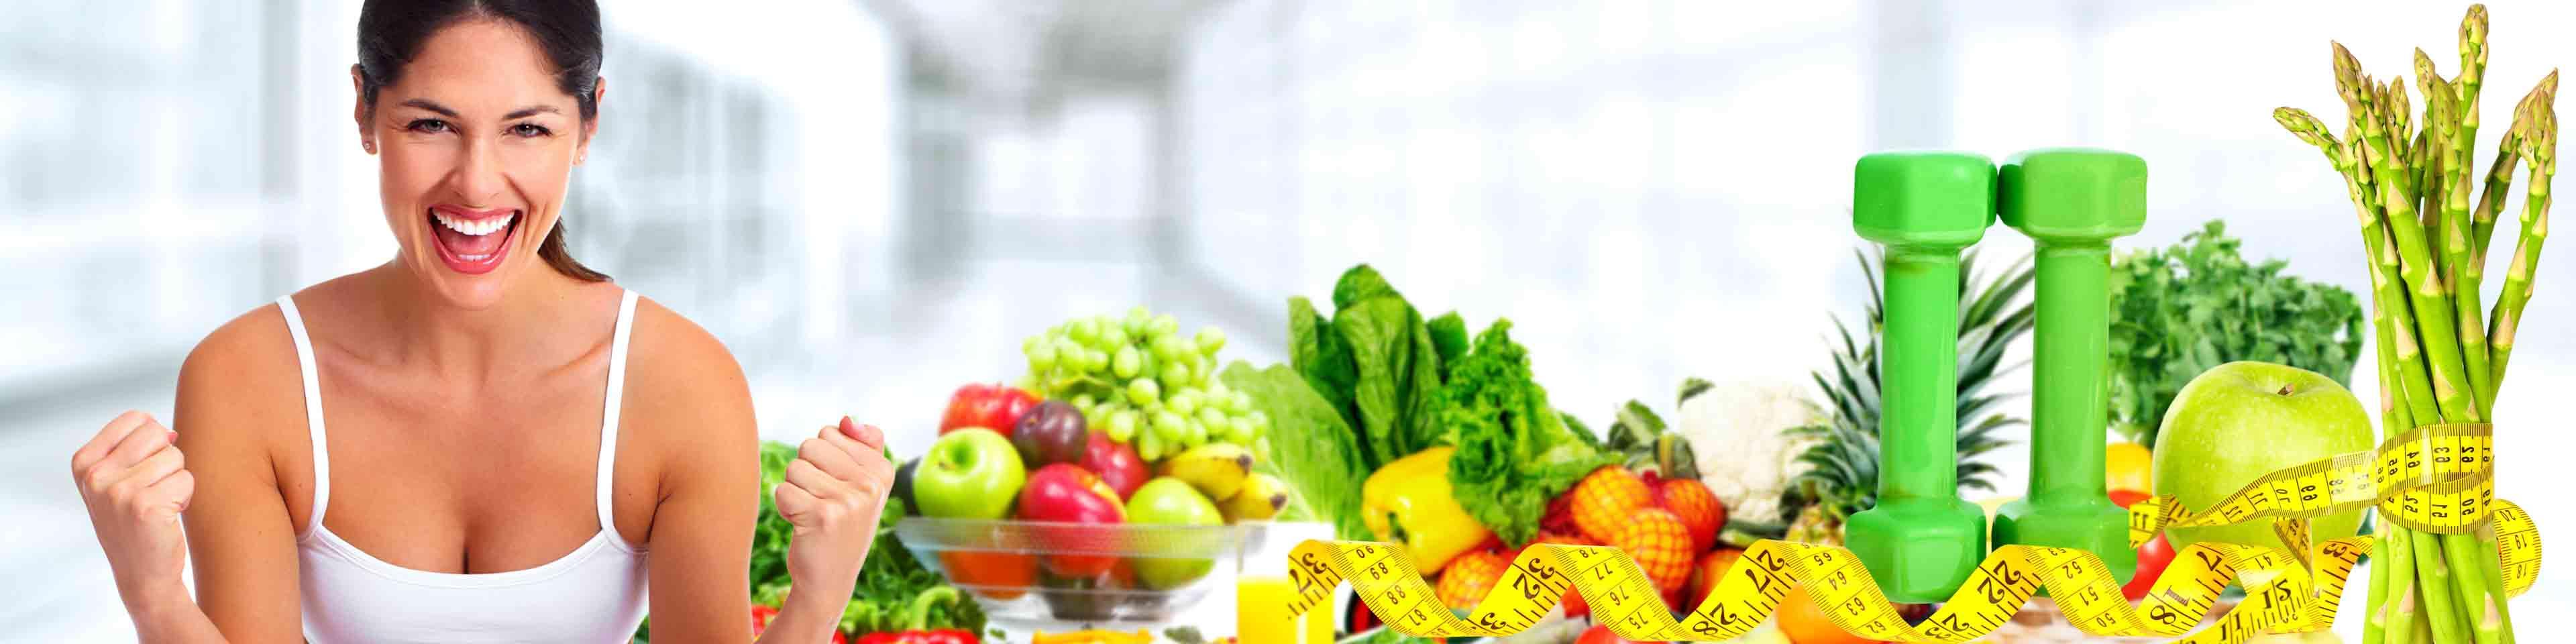 hero image homepagina - sportieve vrouw met decor van gezond eten en fitness attributen